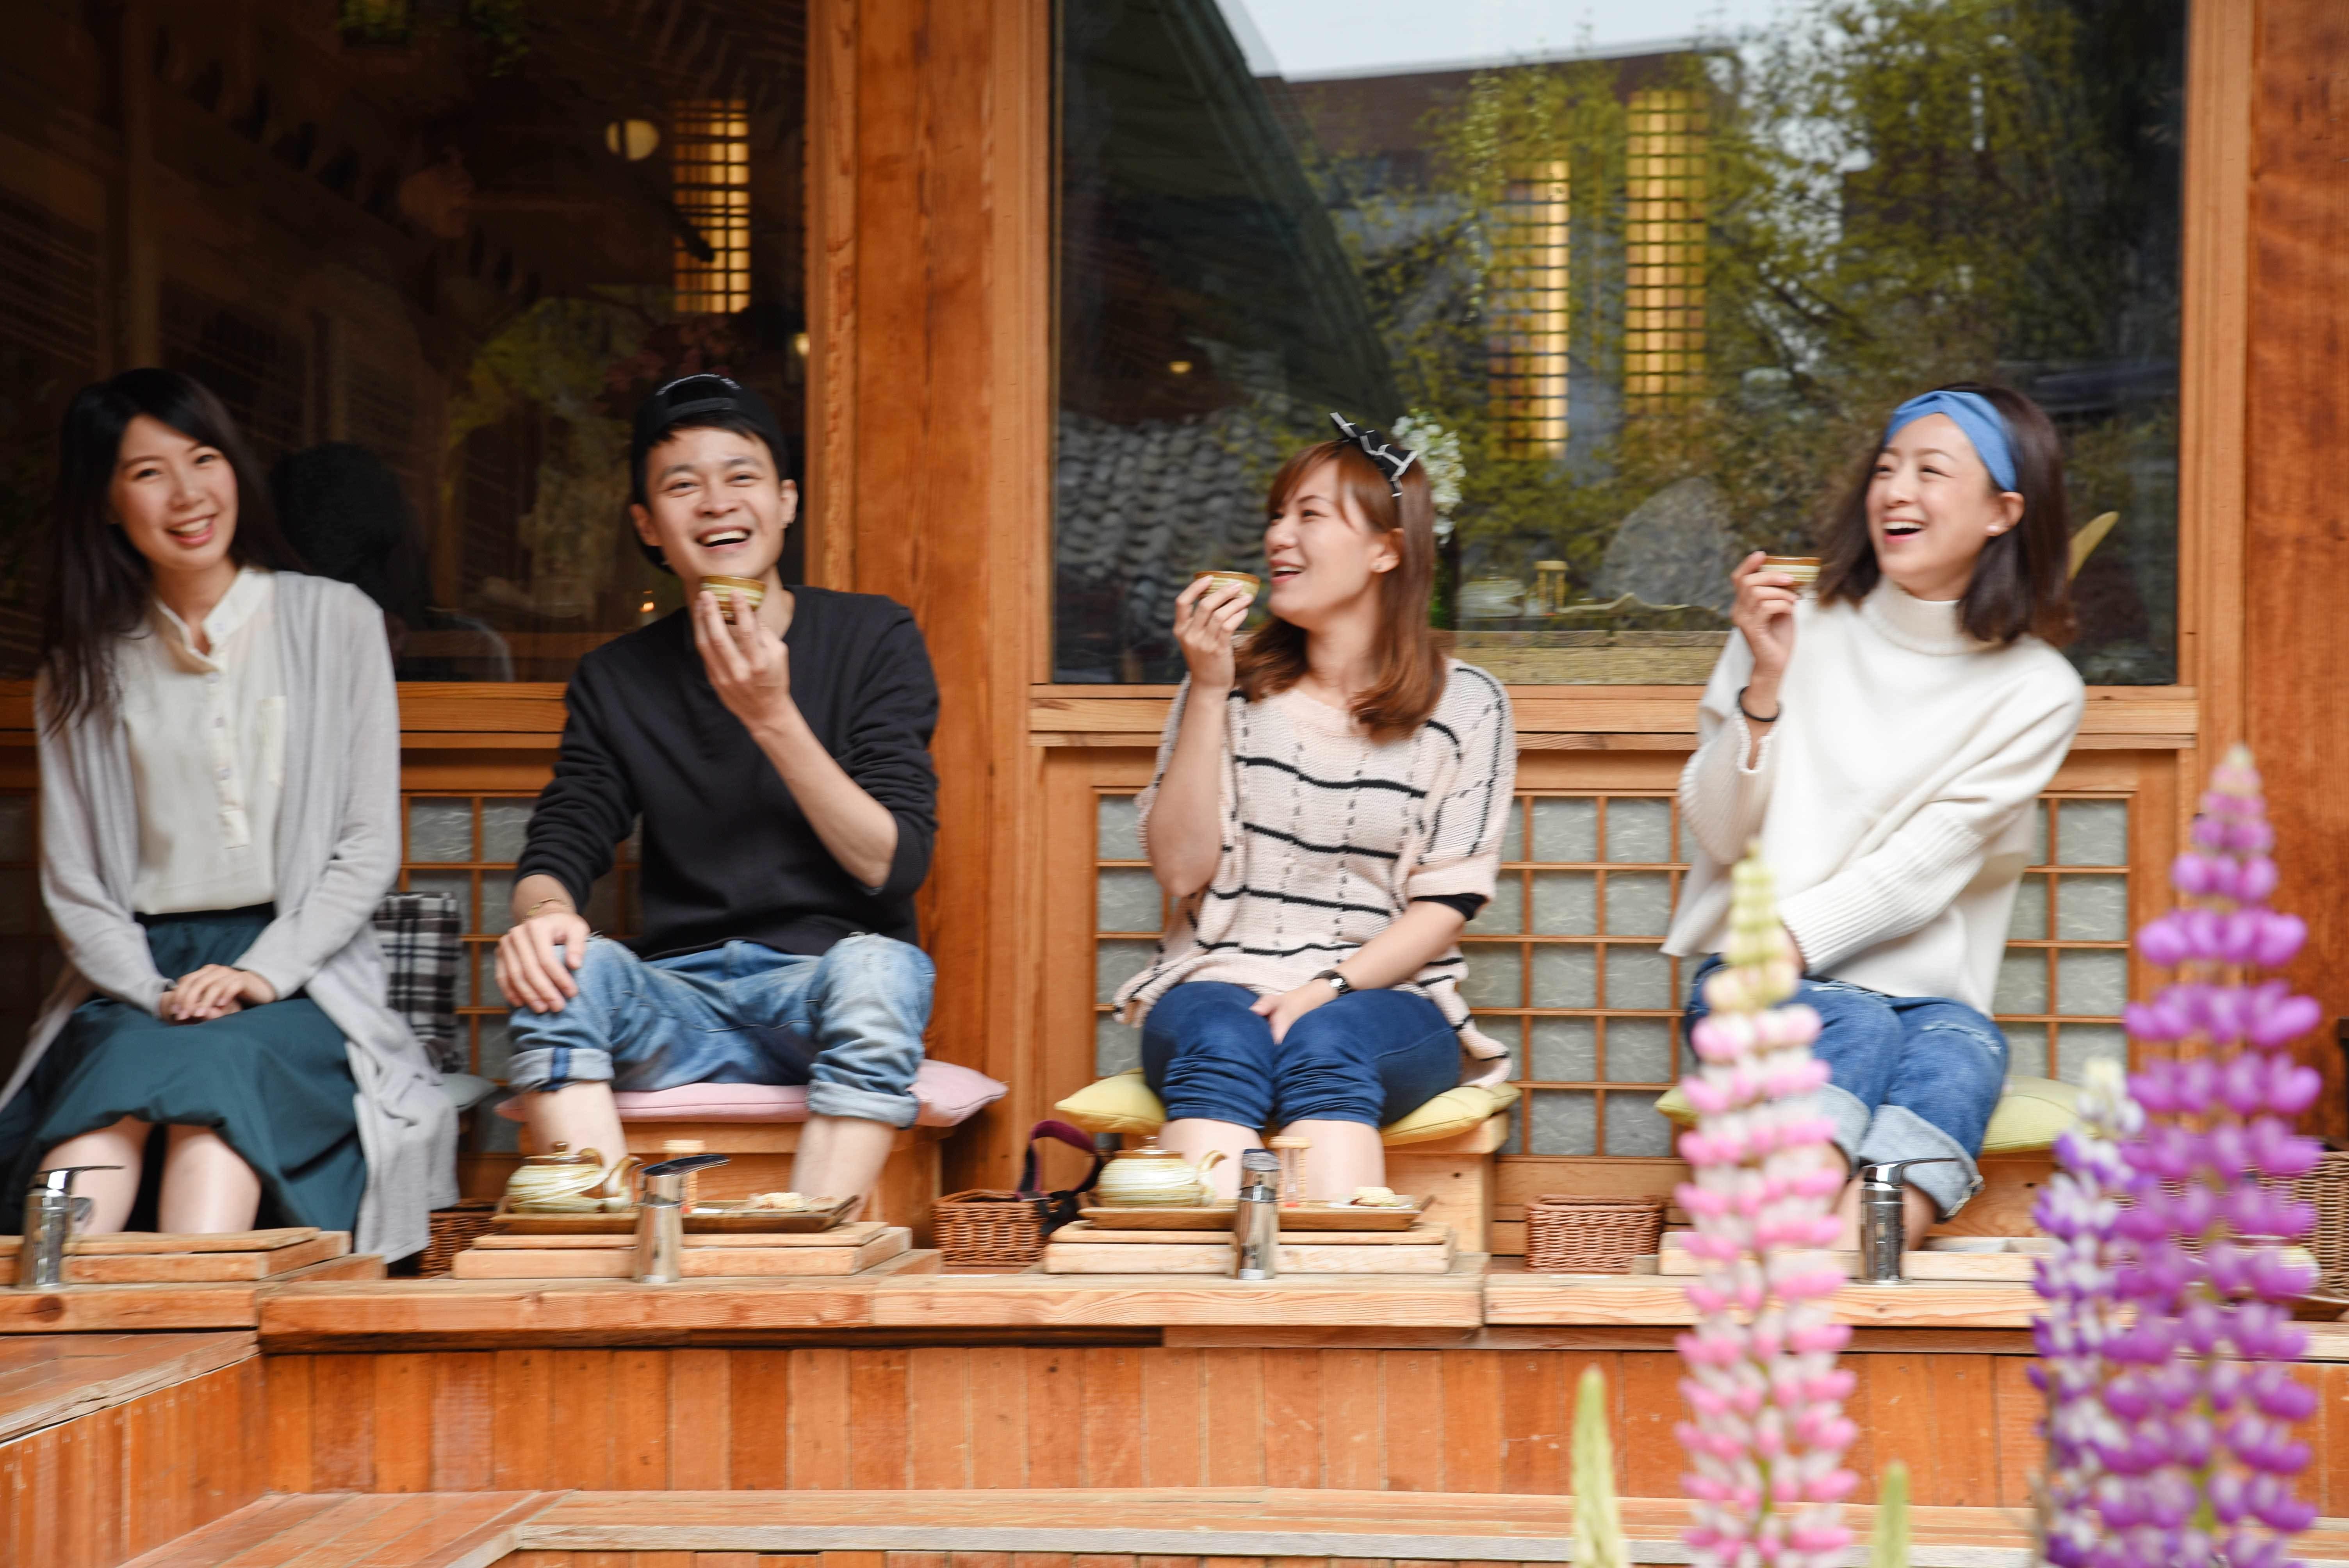 【韓國。首爾】韓方治癒咖啡屋「松佳軒」,品味首爾也可以很愜意!